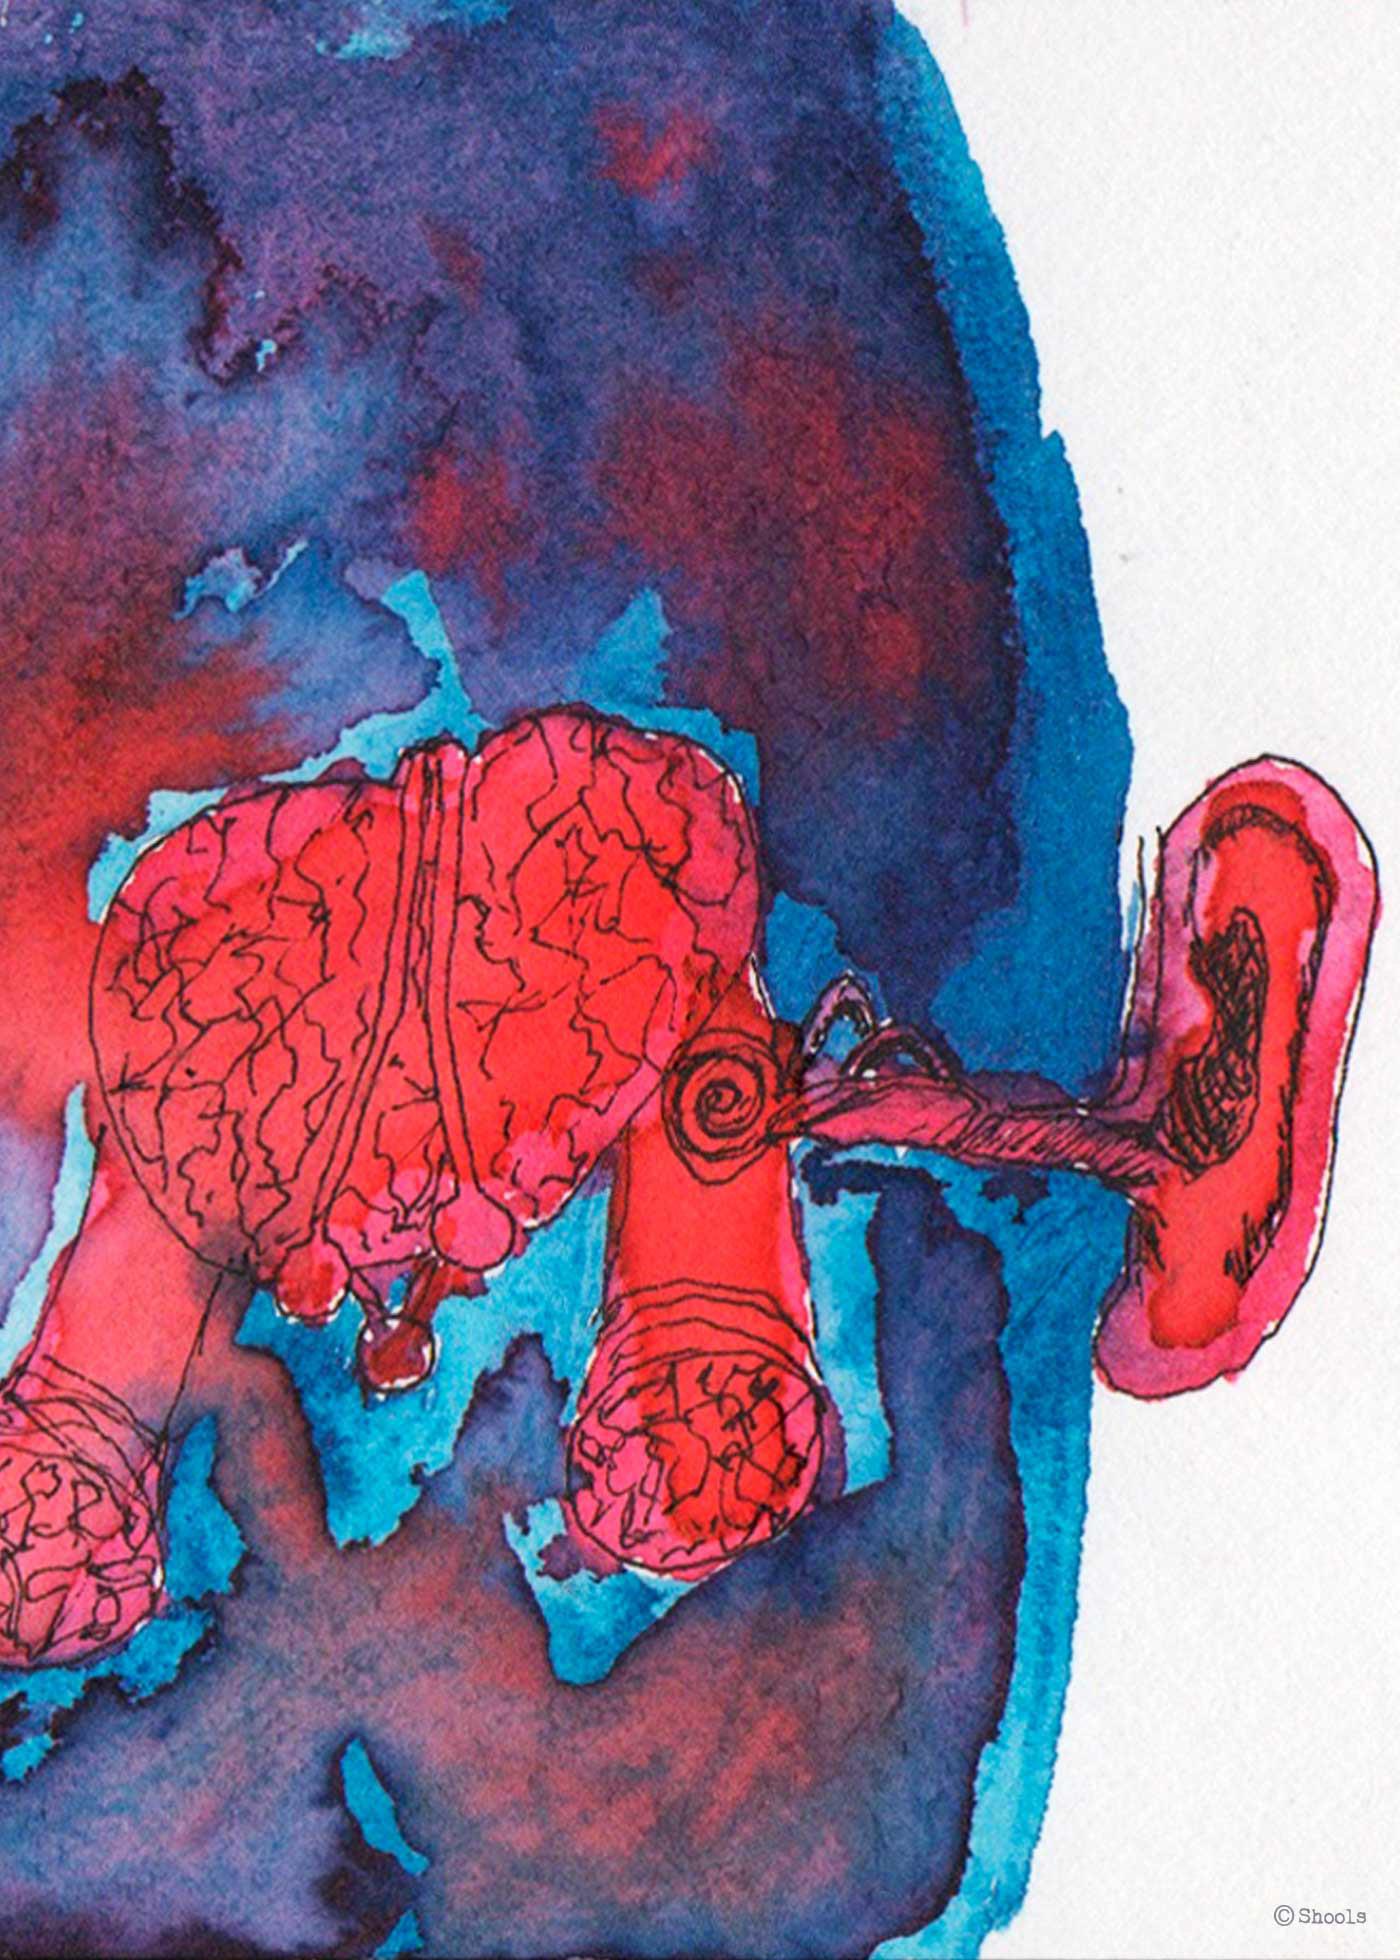 Image may contain: drawing, art and cartoon